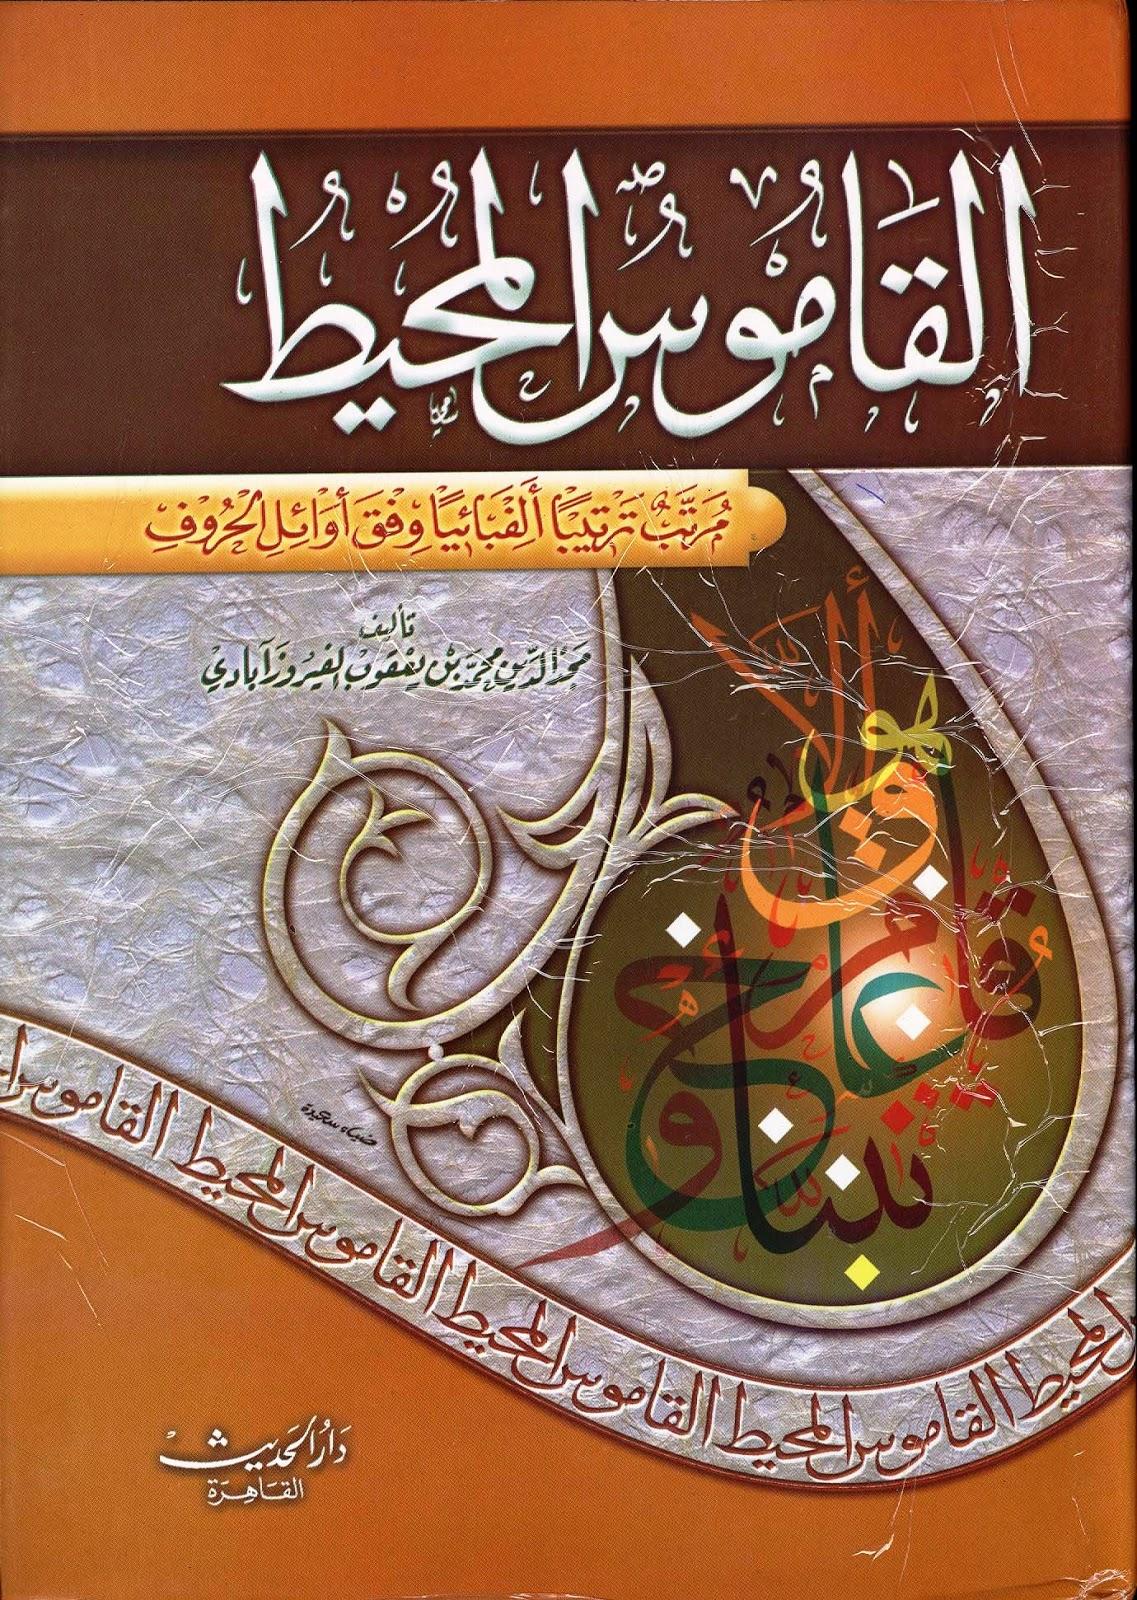 القاموس المحيط للفيروزآبادي - ط. دار الحديث pdf